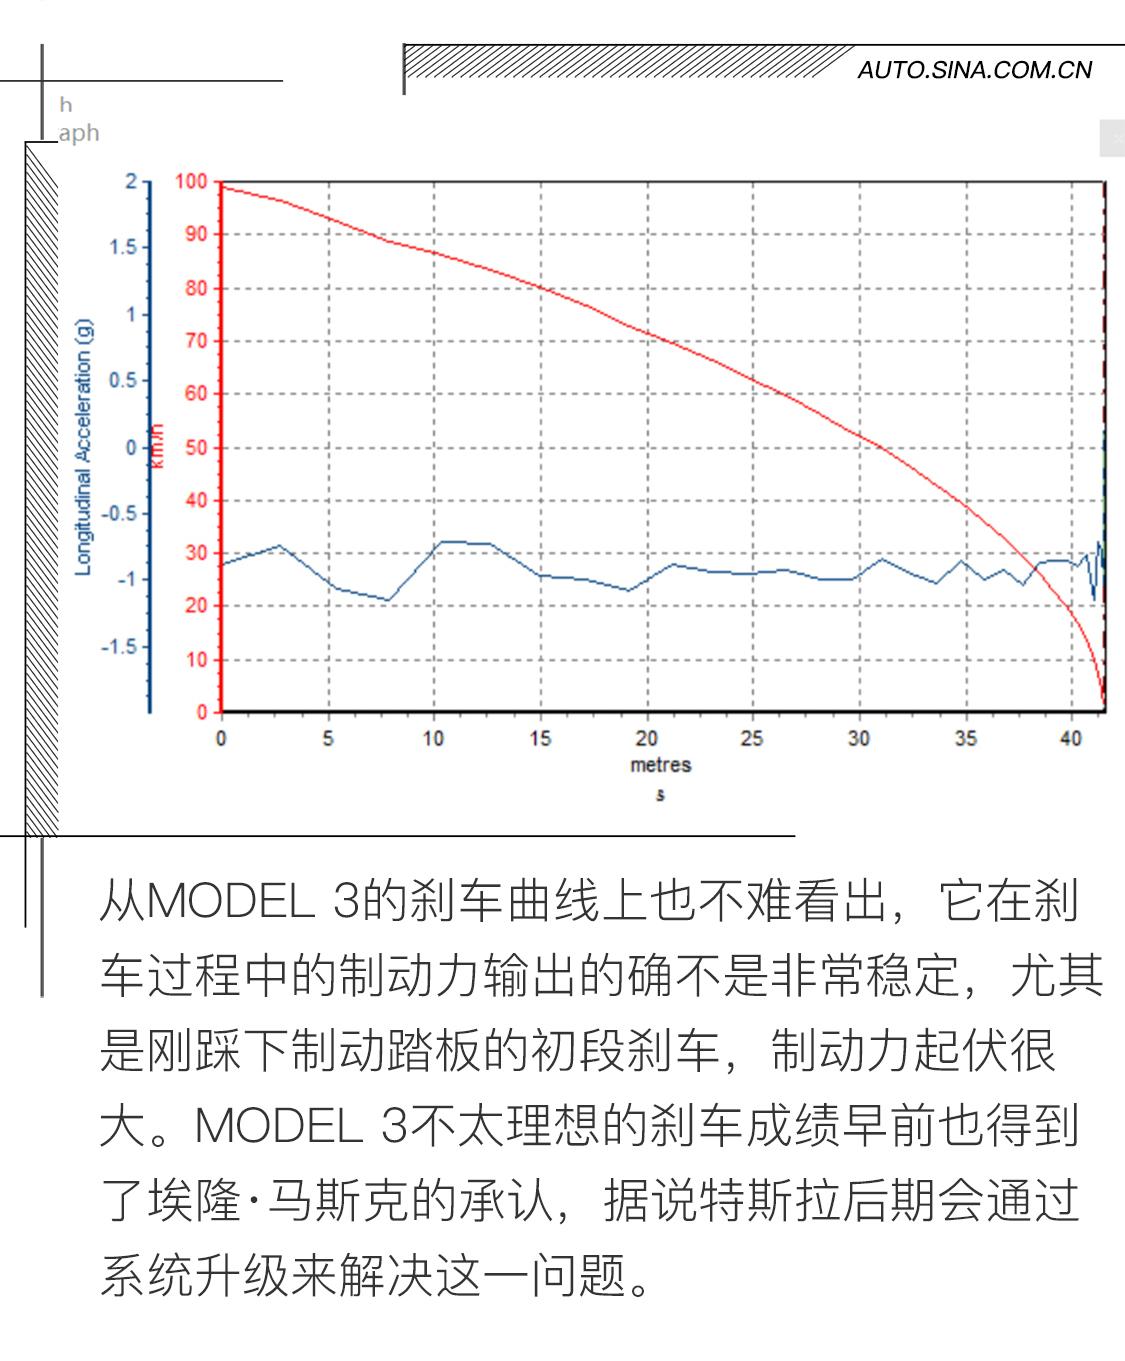 特殊的对决 名爵6新能源对比MODEL 3